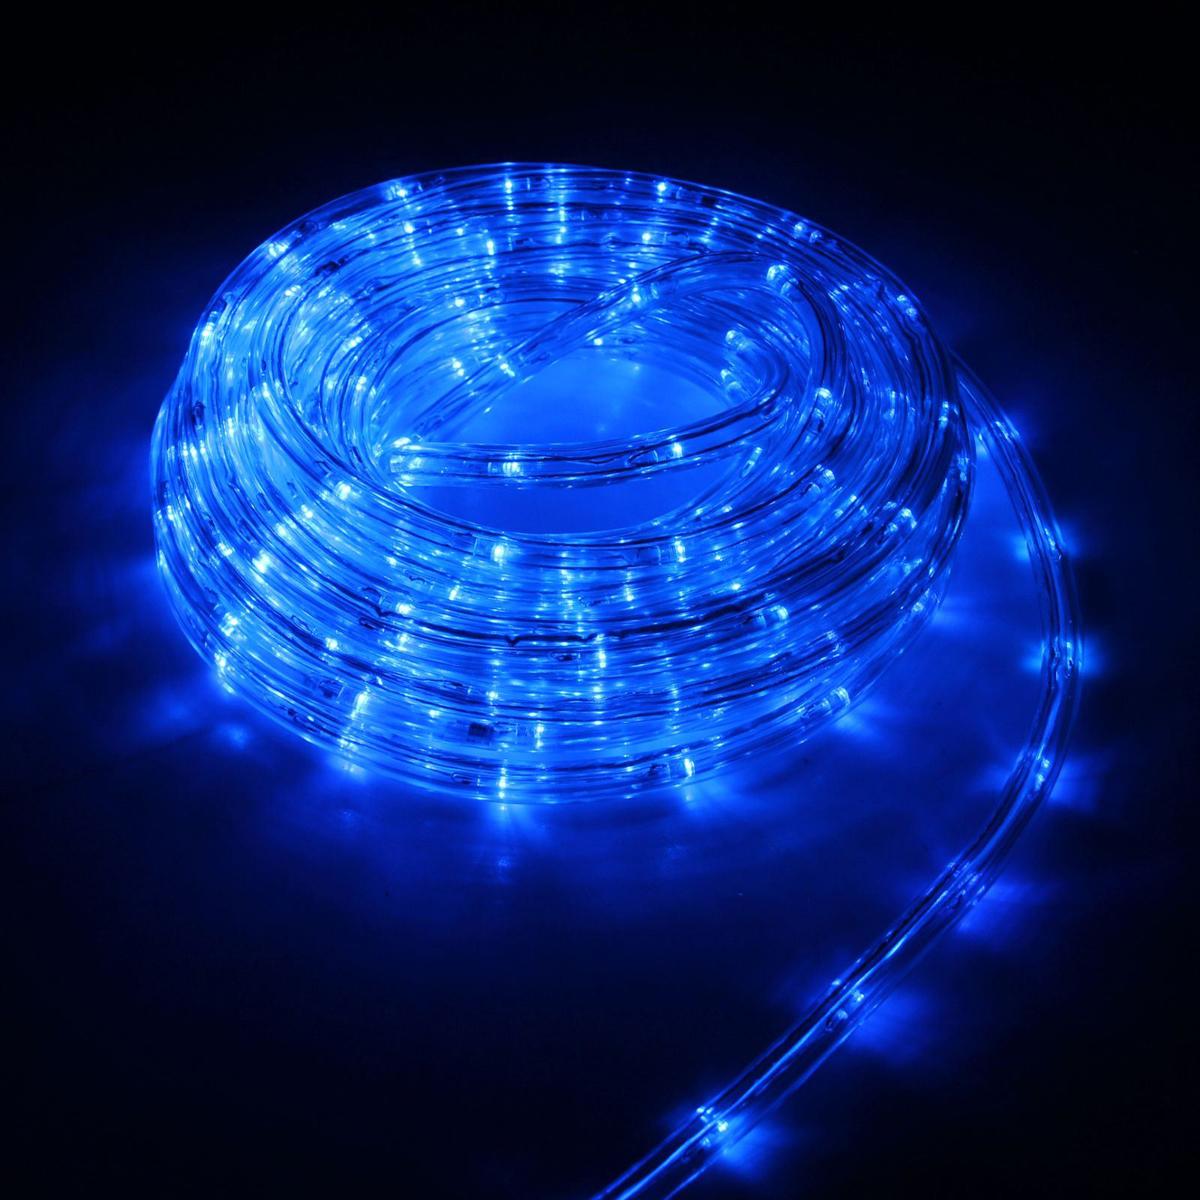 Гирлянда светодиодная Luazon, 240 ламп, 8 режимов, 220 V, цвет: синий, 1 см х 10 м. 15898271589827Светодиодные гирлянды, ленты и т.д — это отличный вариант для новогоднего оформления интерьера или фасада. С их помощью помещение любого размера можно превратить в праздничный зал, а внешние элементы зданий, украшенные ими, мгновенно станут напоминать очертания сказочного дворца. Такие украшения создают ауру предвкушения чуда. Деревья, фасады, витрины, окна и арки будто специально созданы, чтобы вы украсили их светящимися нитями.